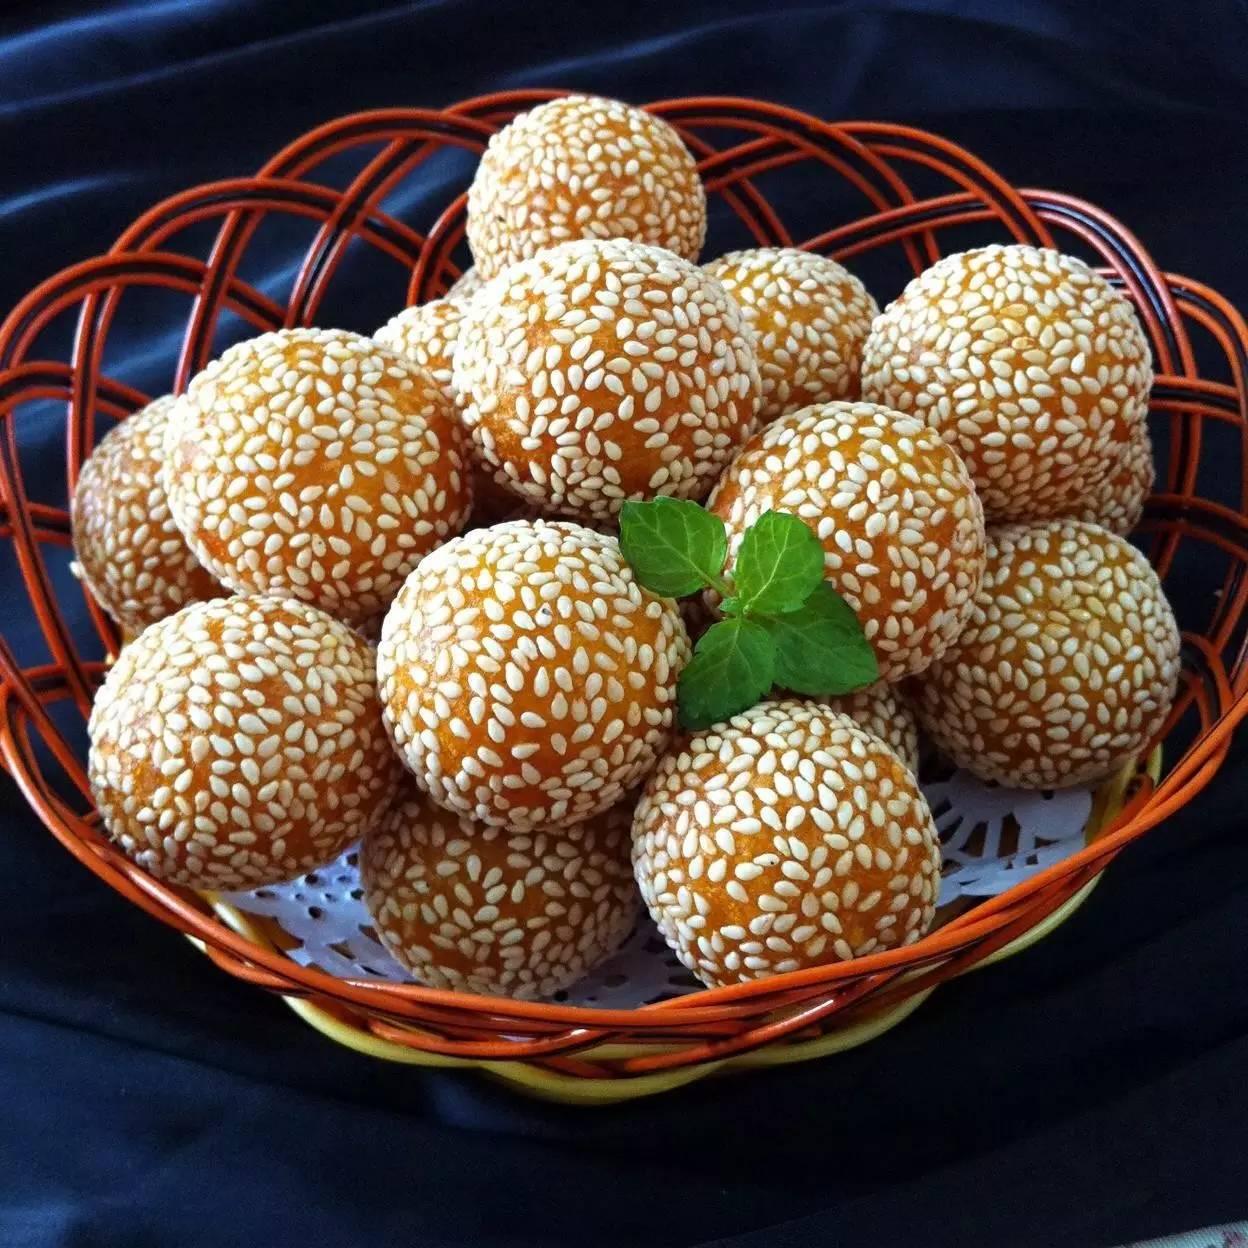 炸糯米球_正文  蒸制过的南瓜有着清甜香味,与糯米粉揉成团,搓成一个个小球,滚